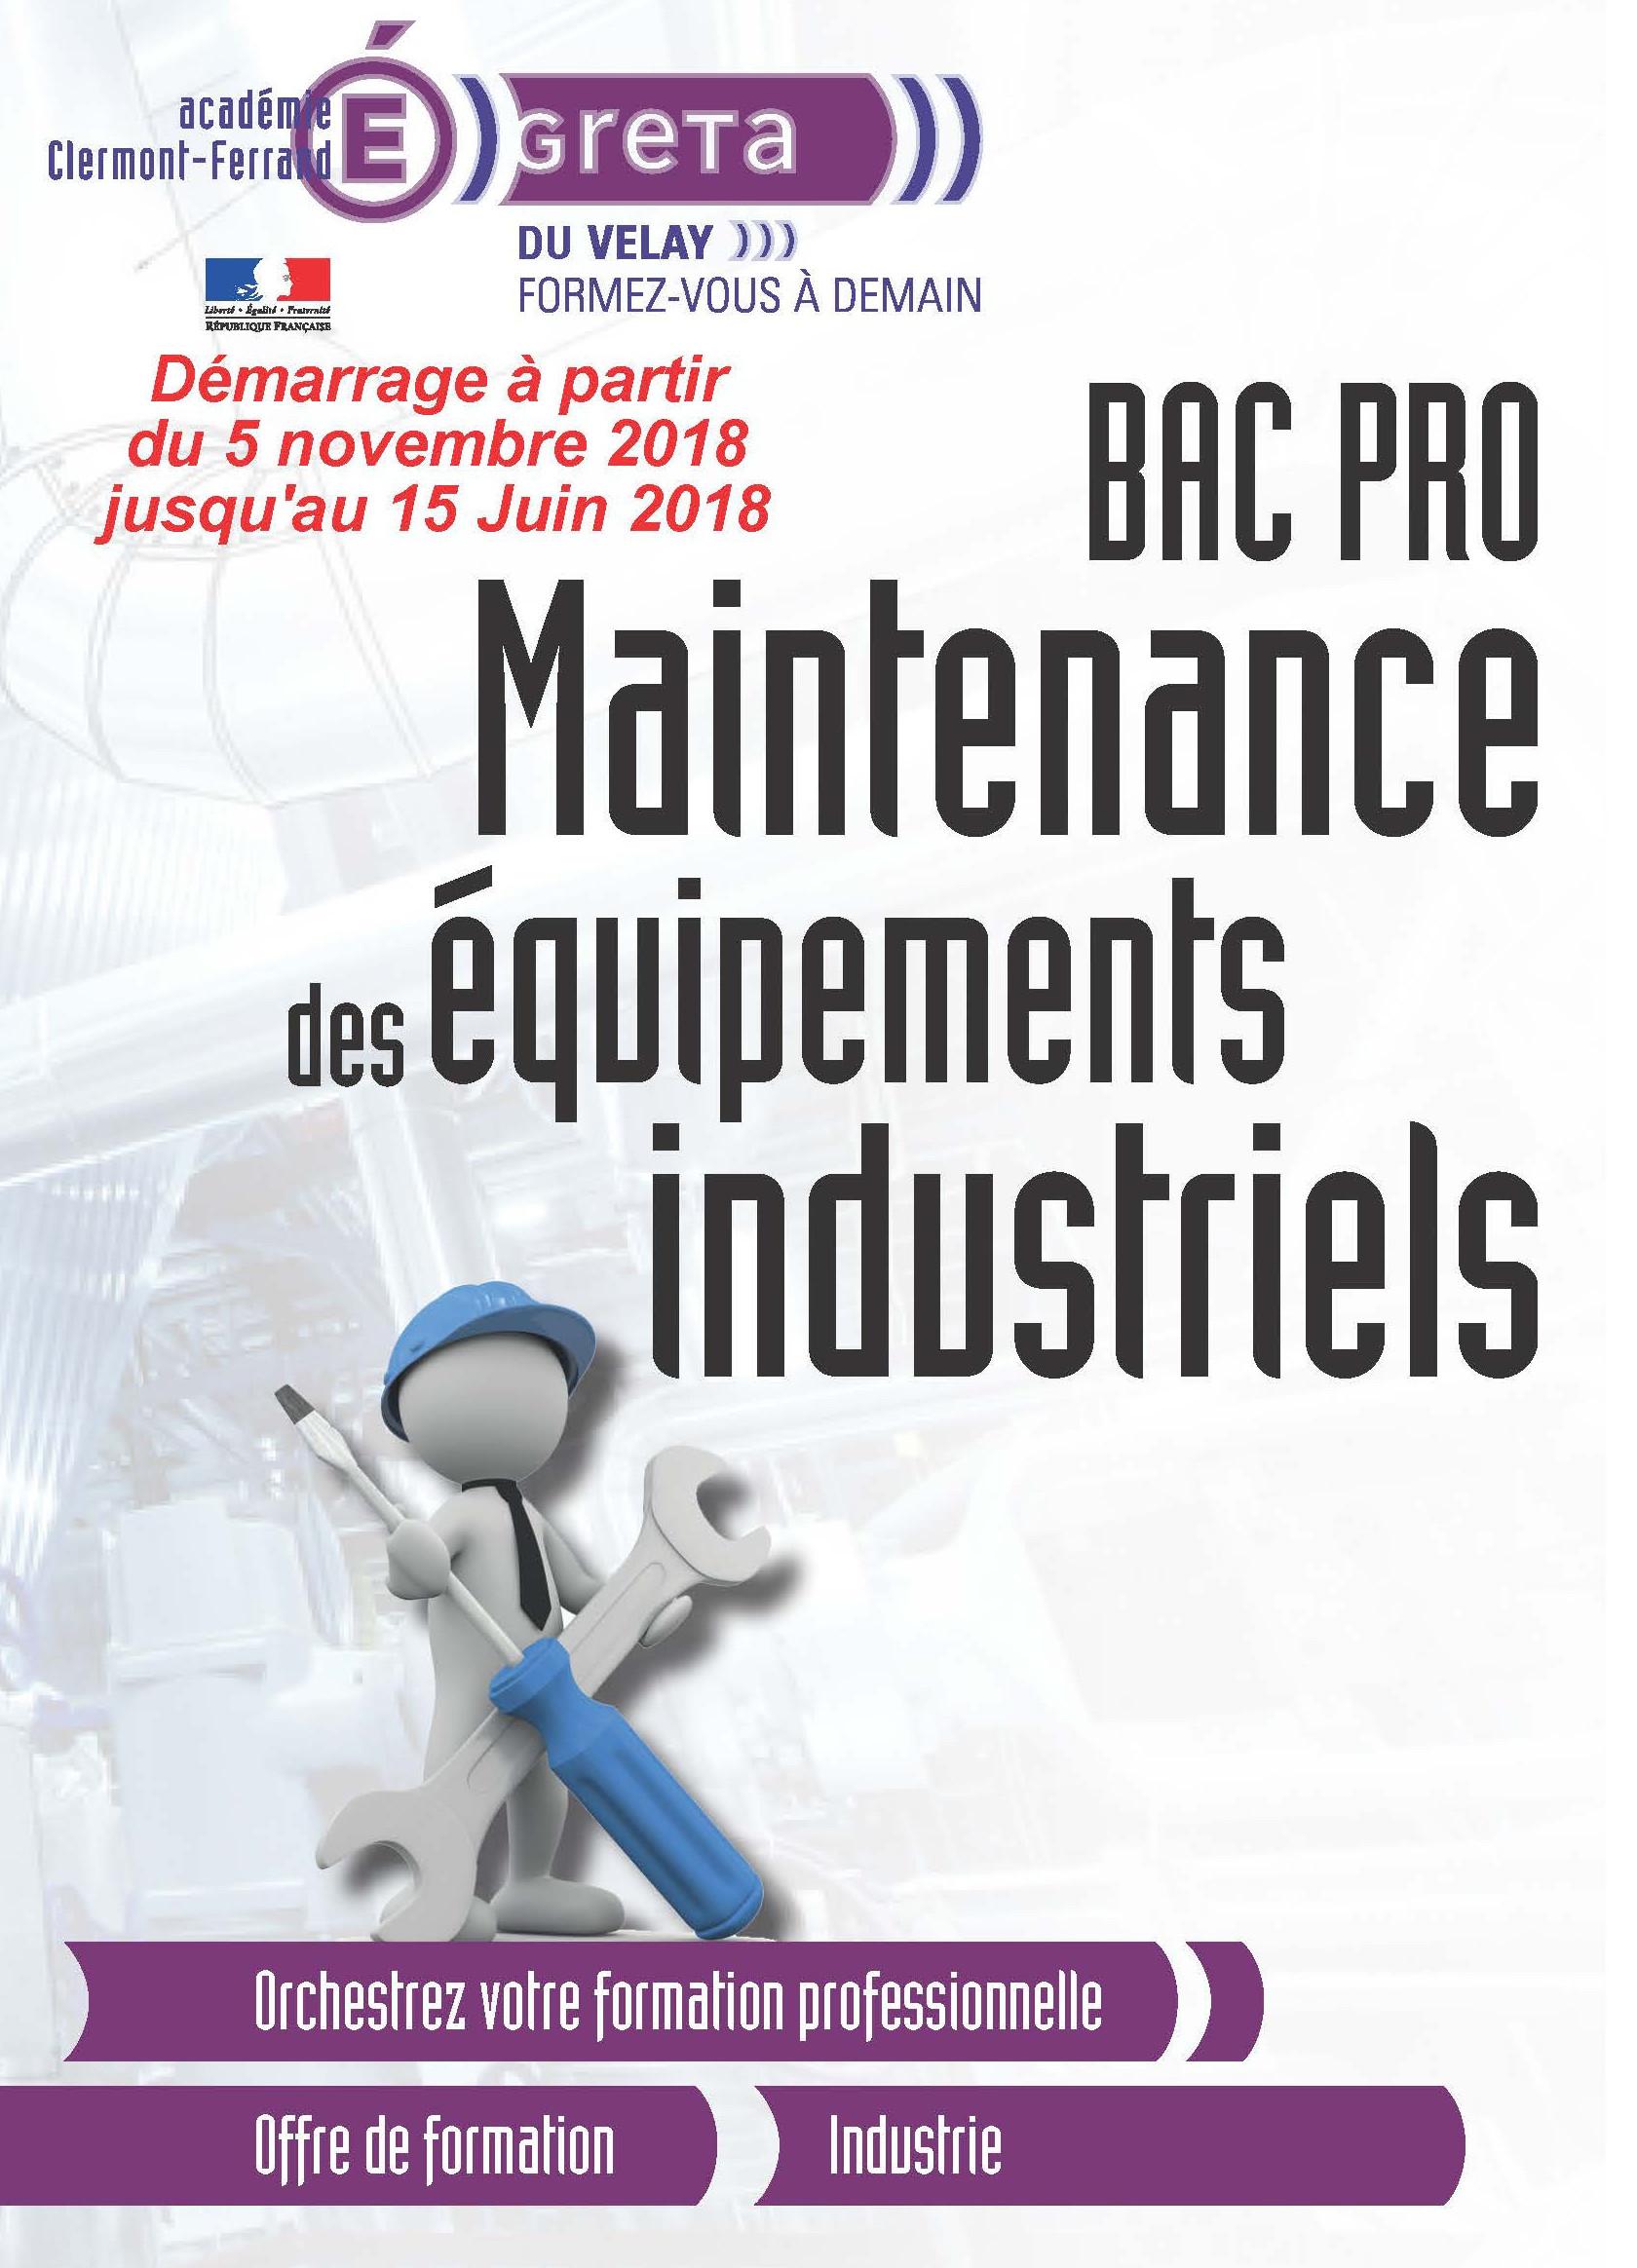 formation bac pro mei  maintenance des  u00c9quipements industriels    greta auvergne